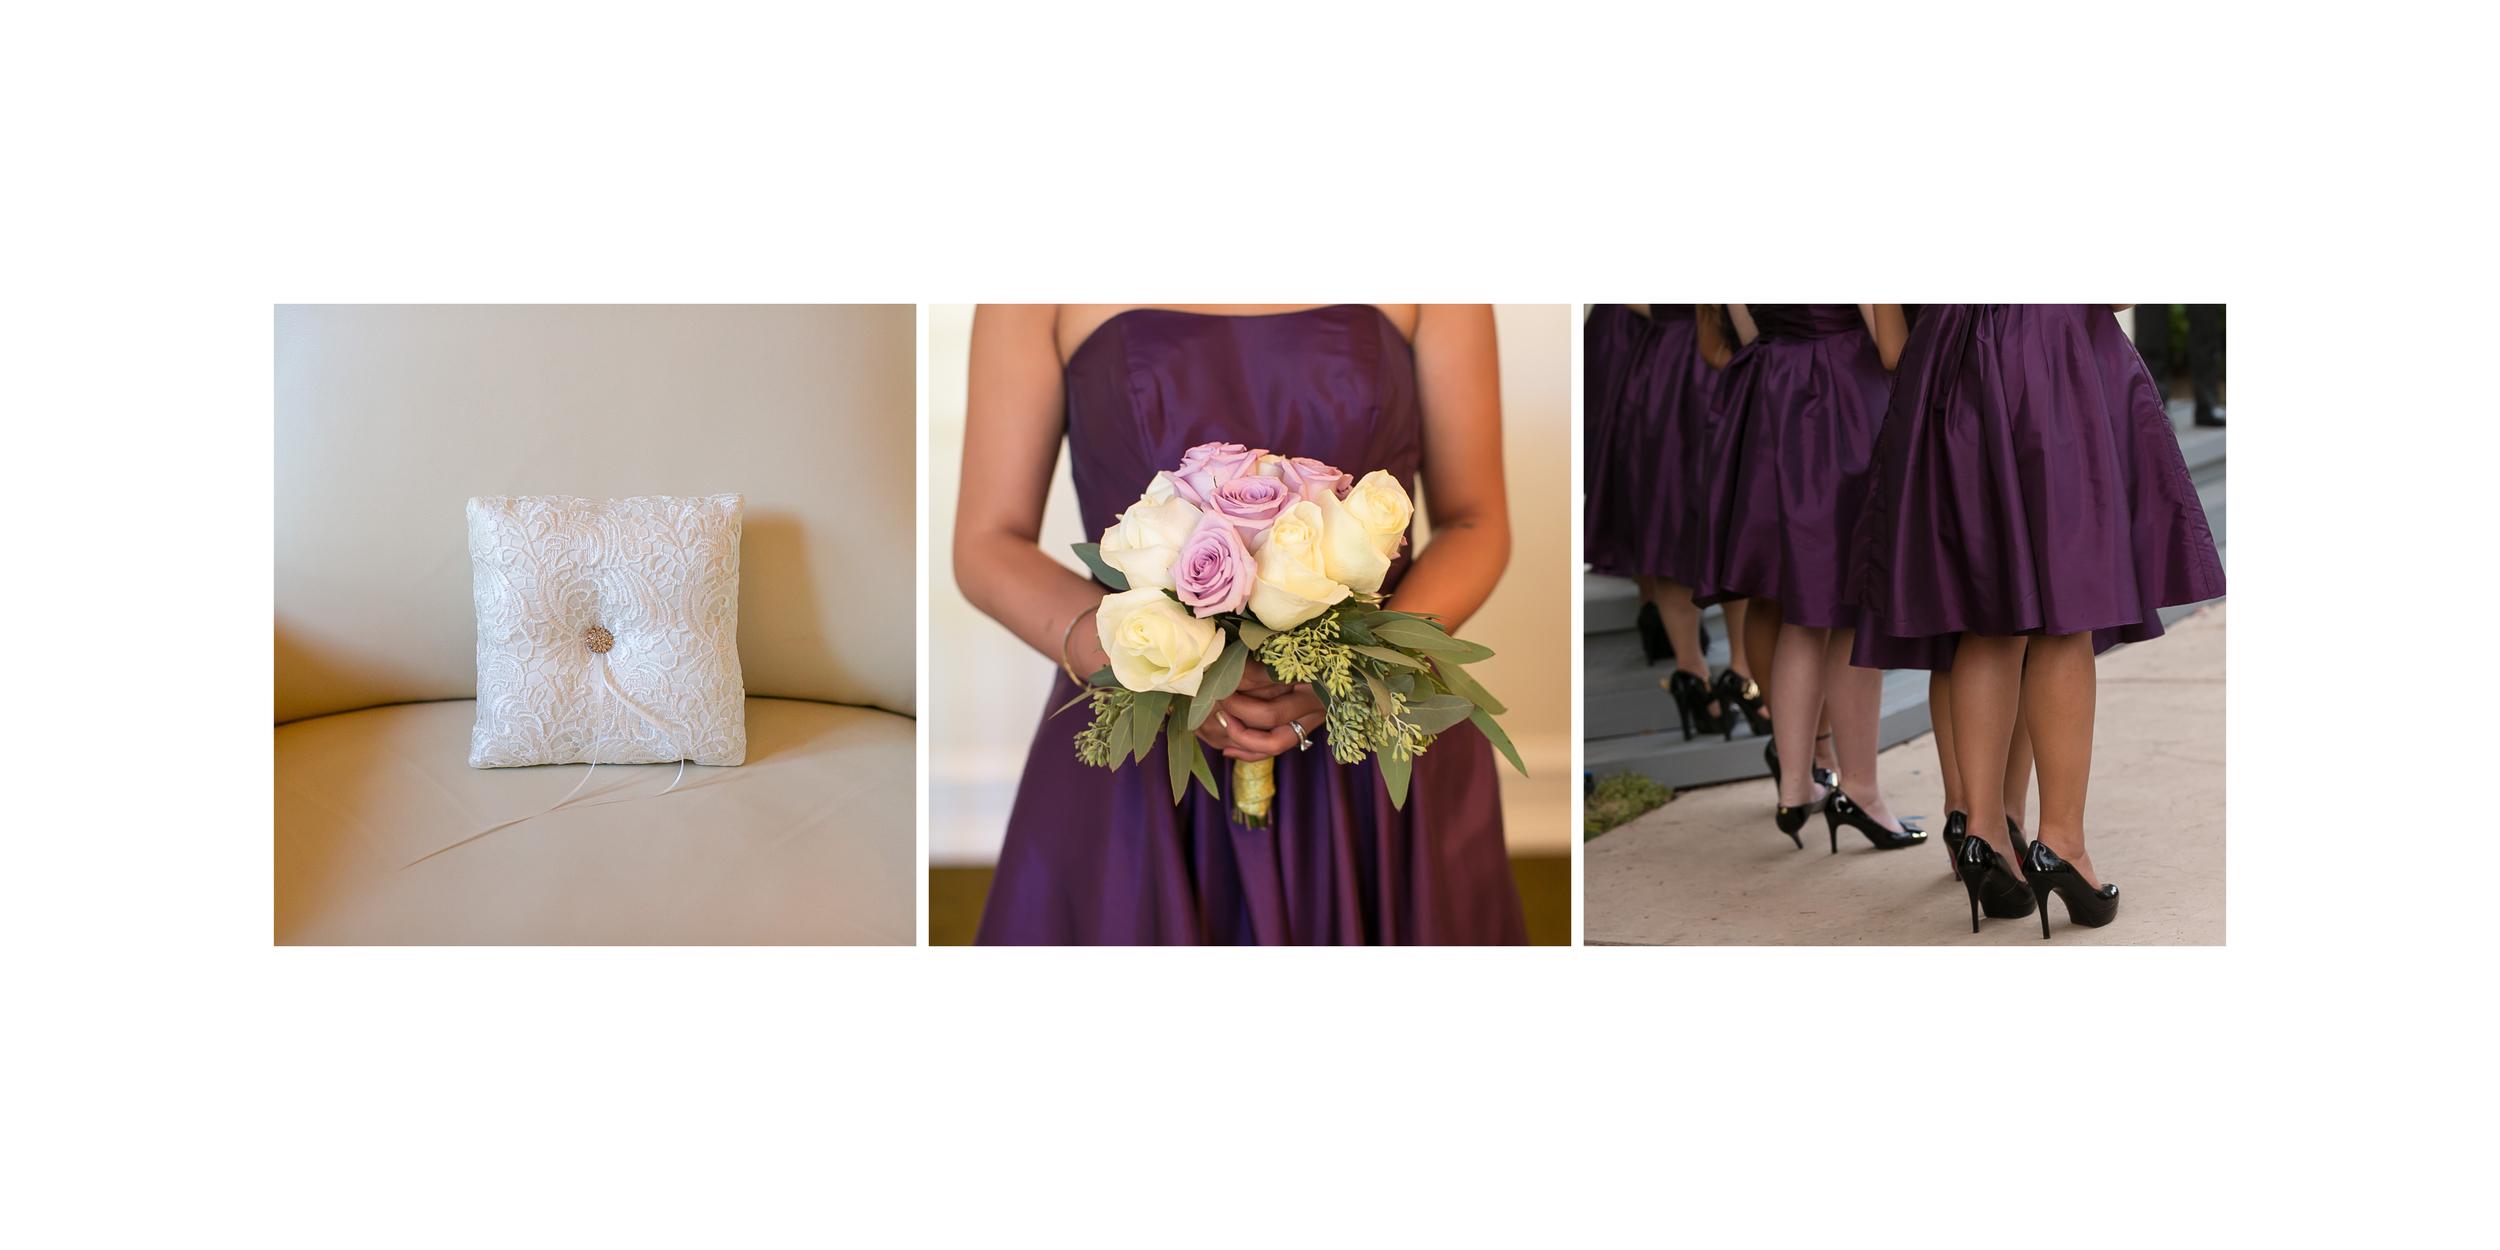 Suzette_Aaron_Wedding_Album_Preview5.jpg